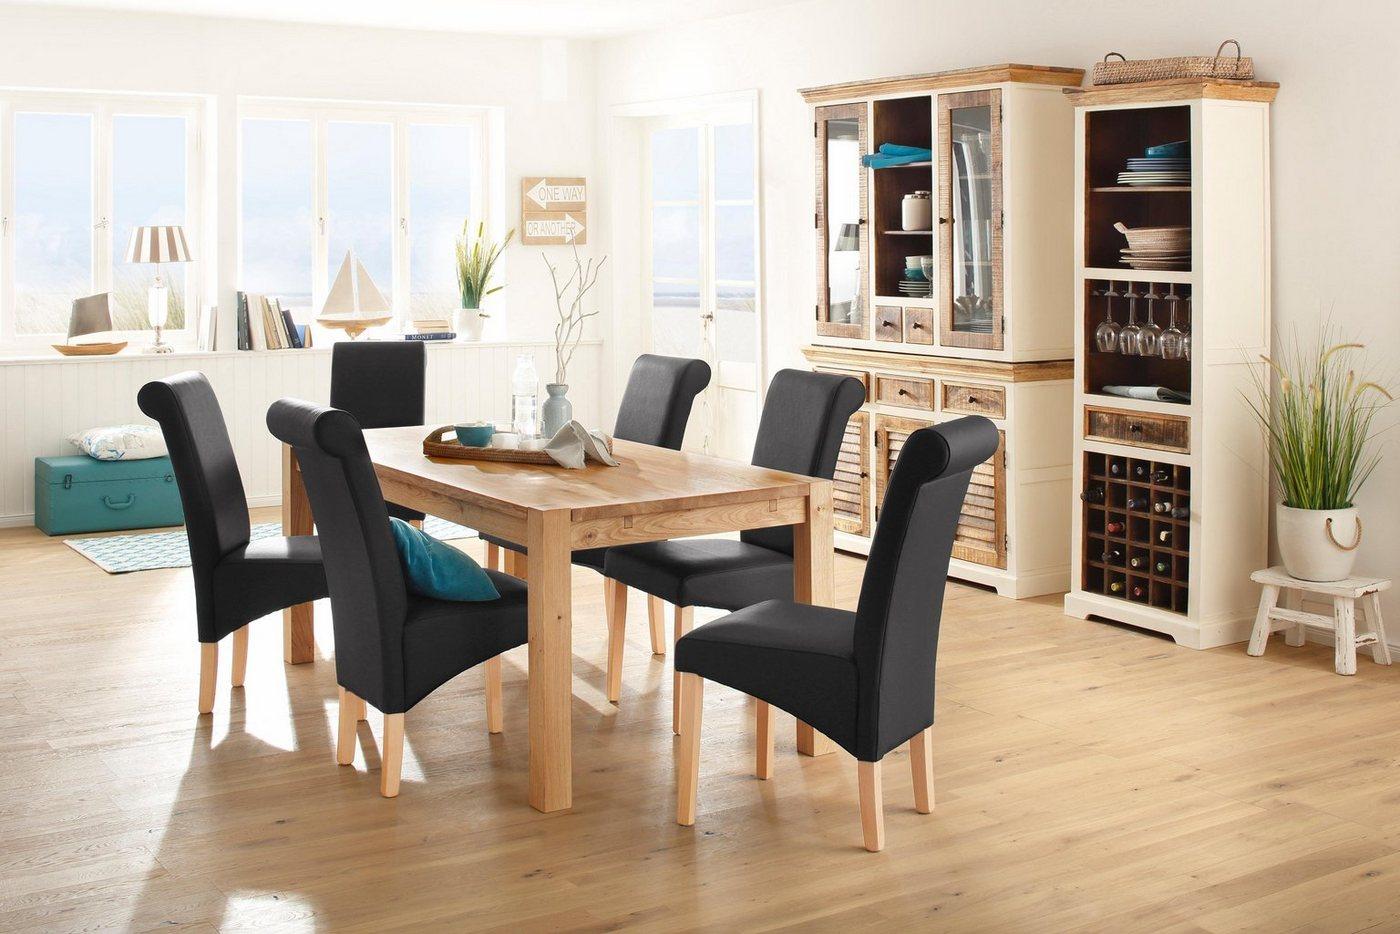 Elegant Esstisch 120x90 Referenz Von Home Affaire »model 3« Aus Massiver Eiche,